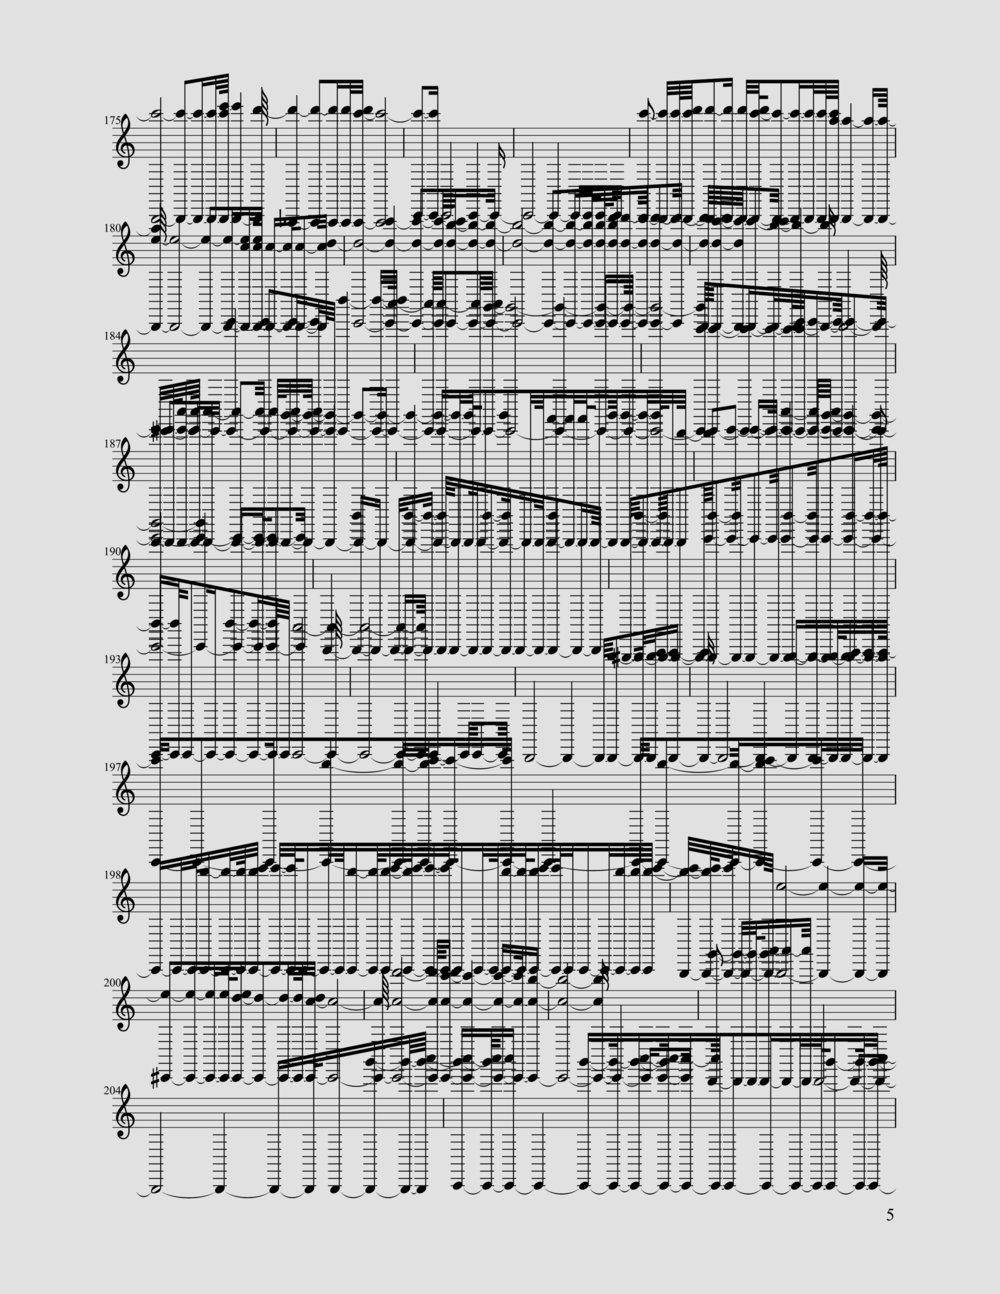 garden-sheet-music-5_2550.jpg